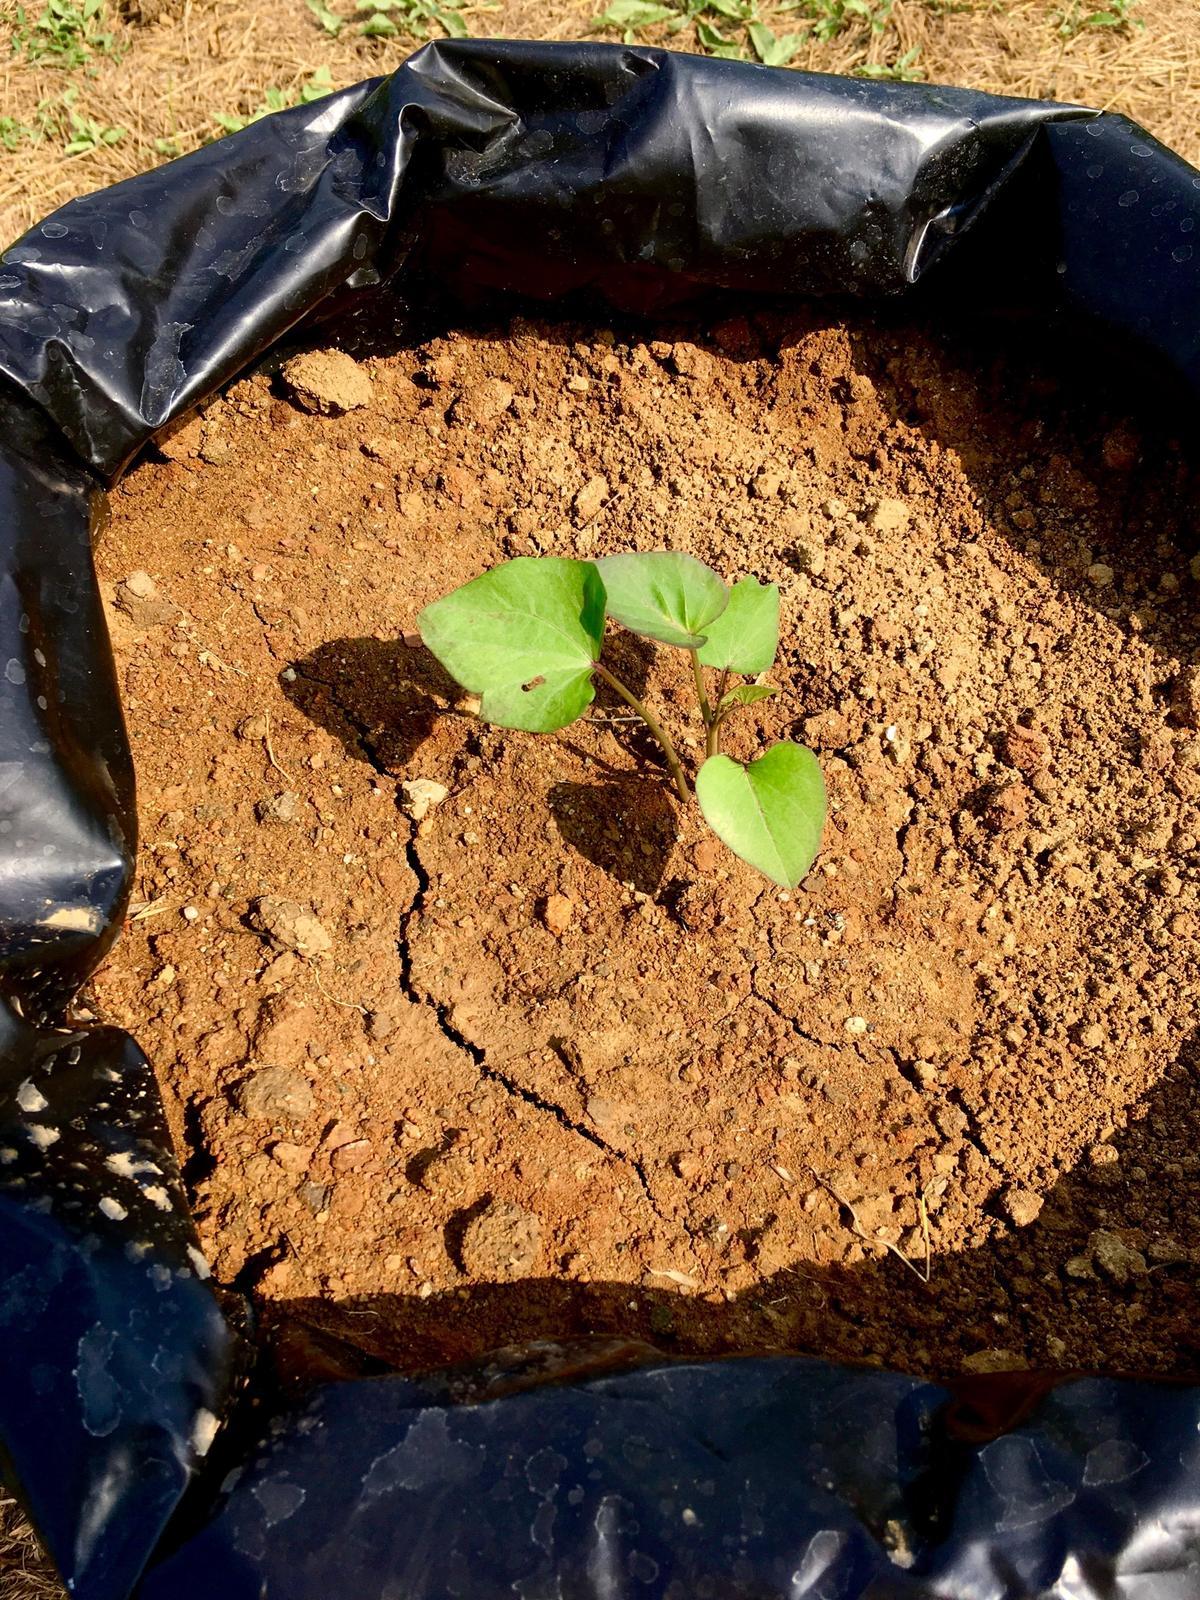 Skřítčí zahrada 2015 - 2020 - Červenec 2019 - oranžové batáty Erato ... uvidíme, jestli sklidím aspoň malý hlízy nebo nic